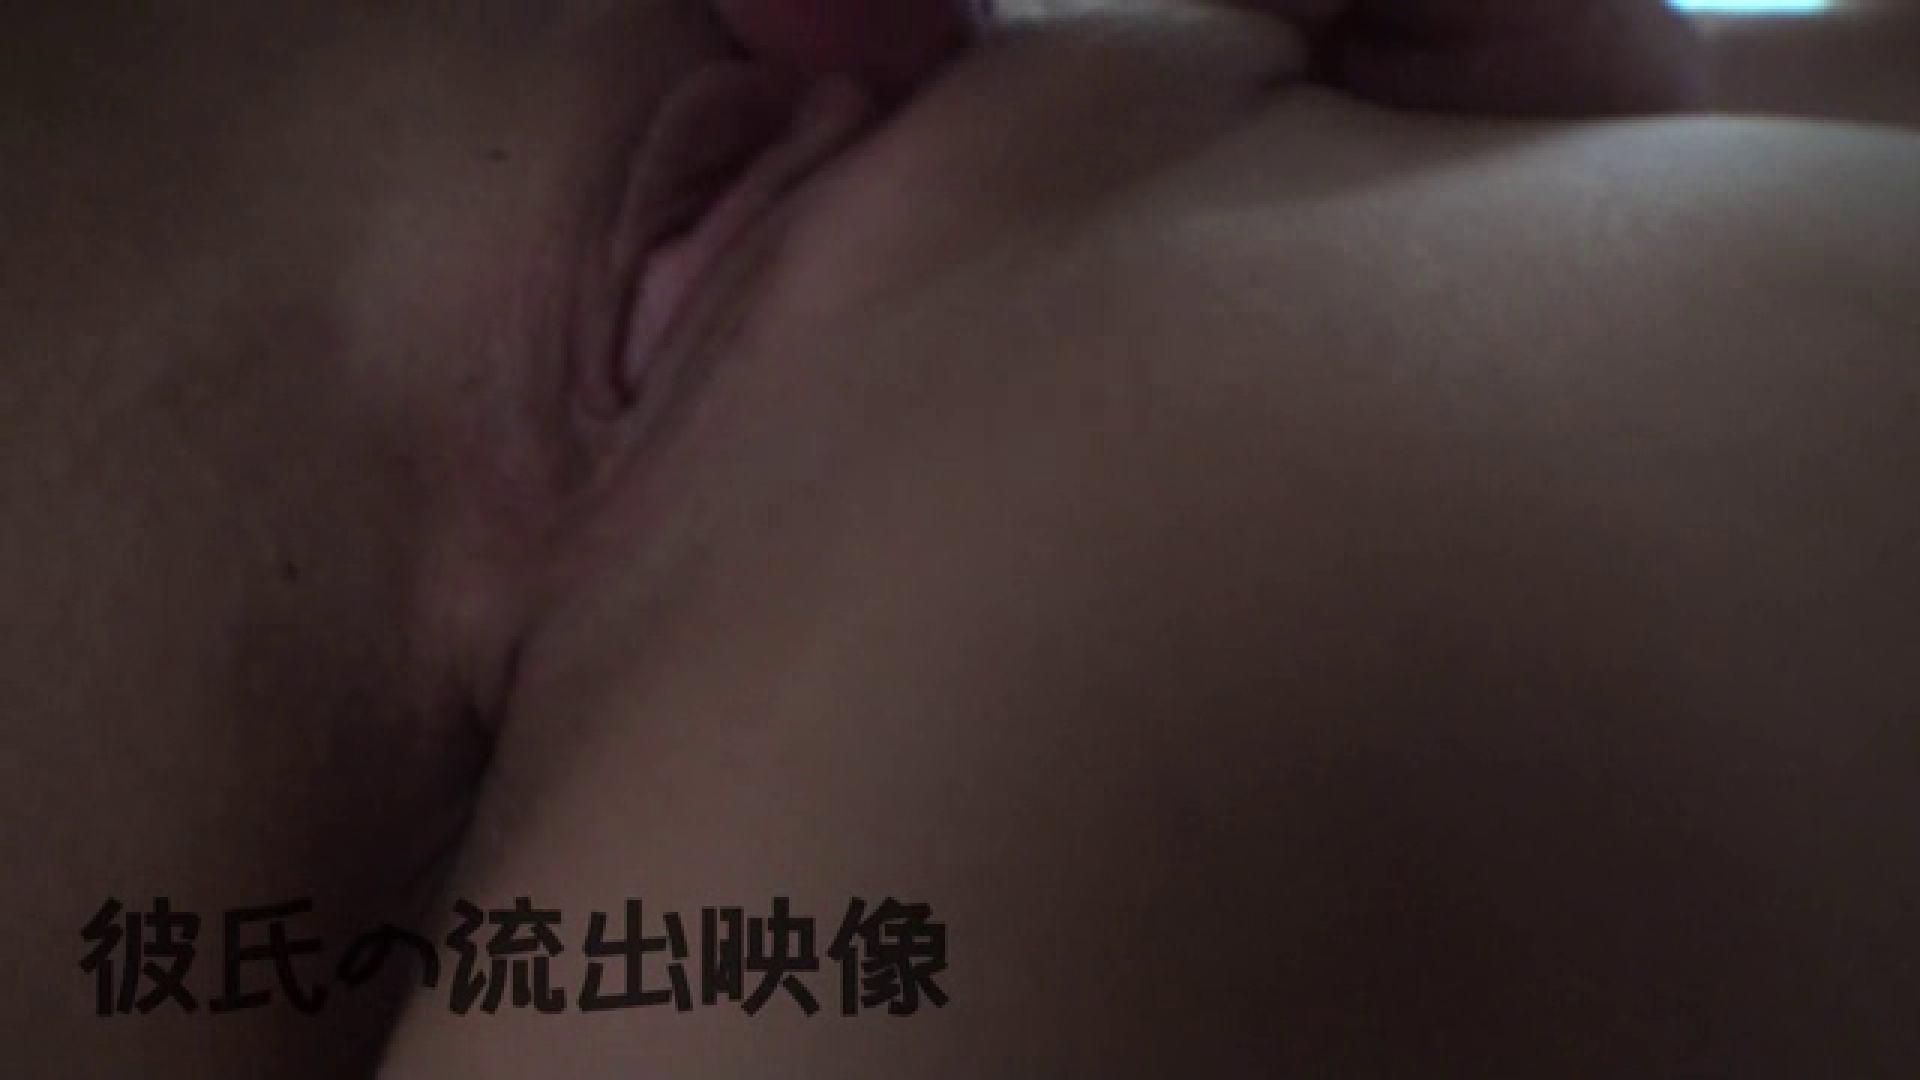 彼氏が流出 パイパン素人嬢のハメ撮り映像05 パイパンギャル | 一般投稿  72画像 40